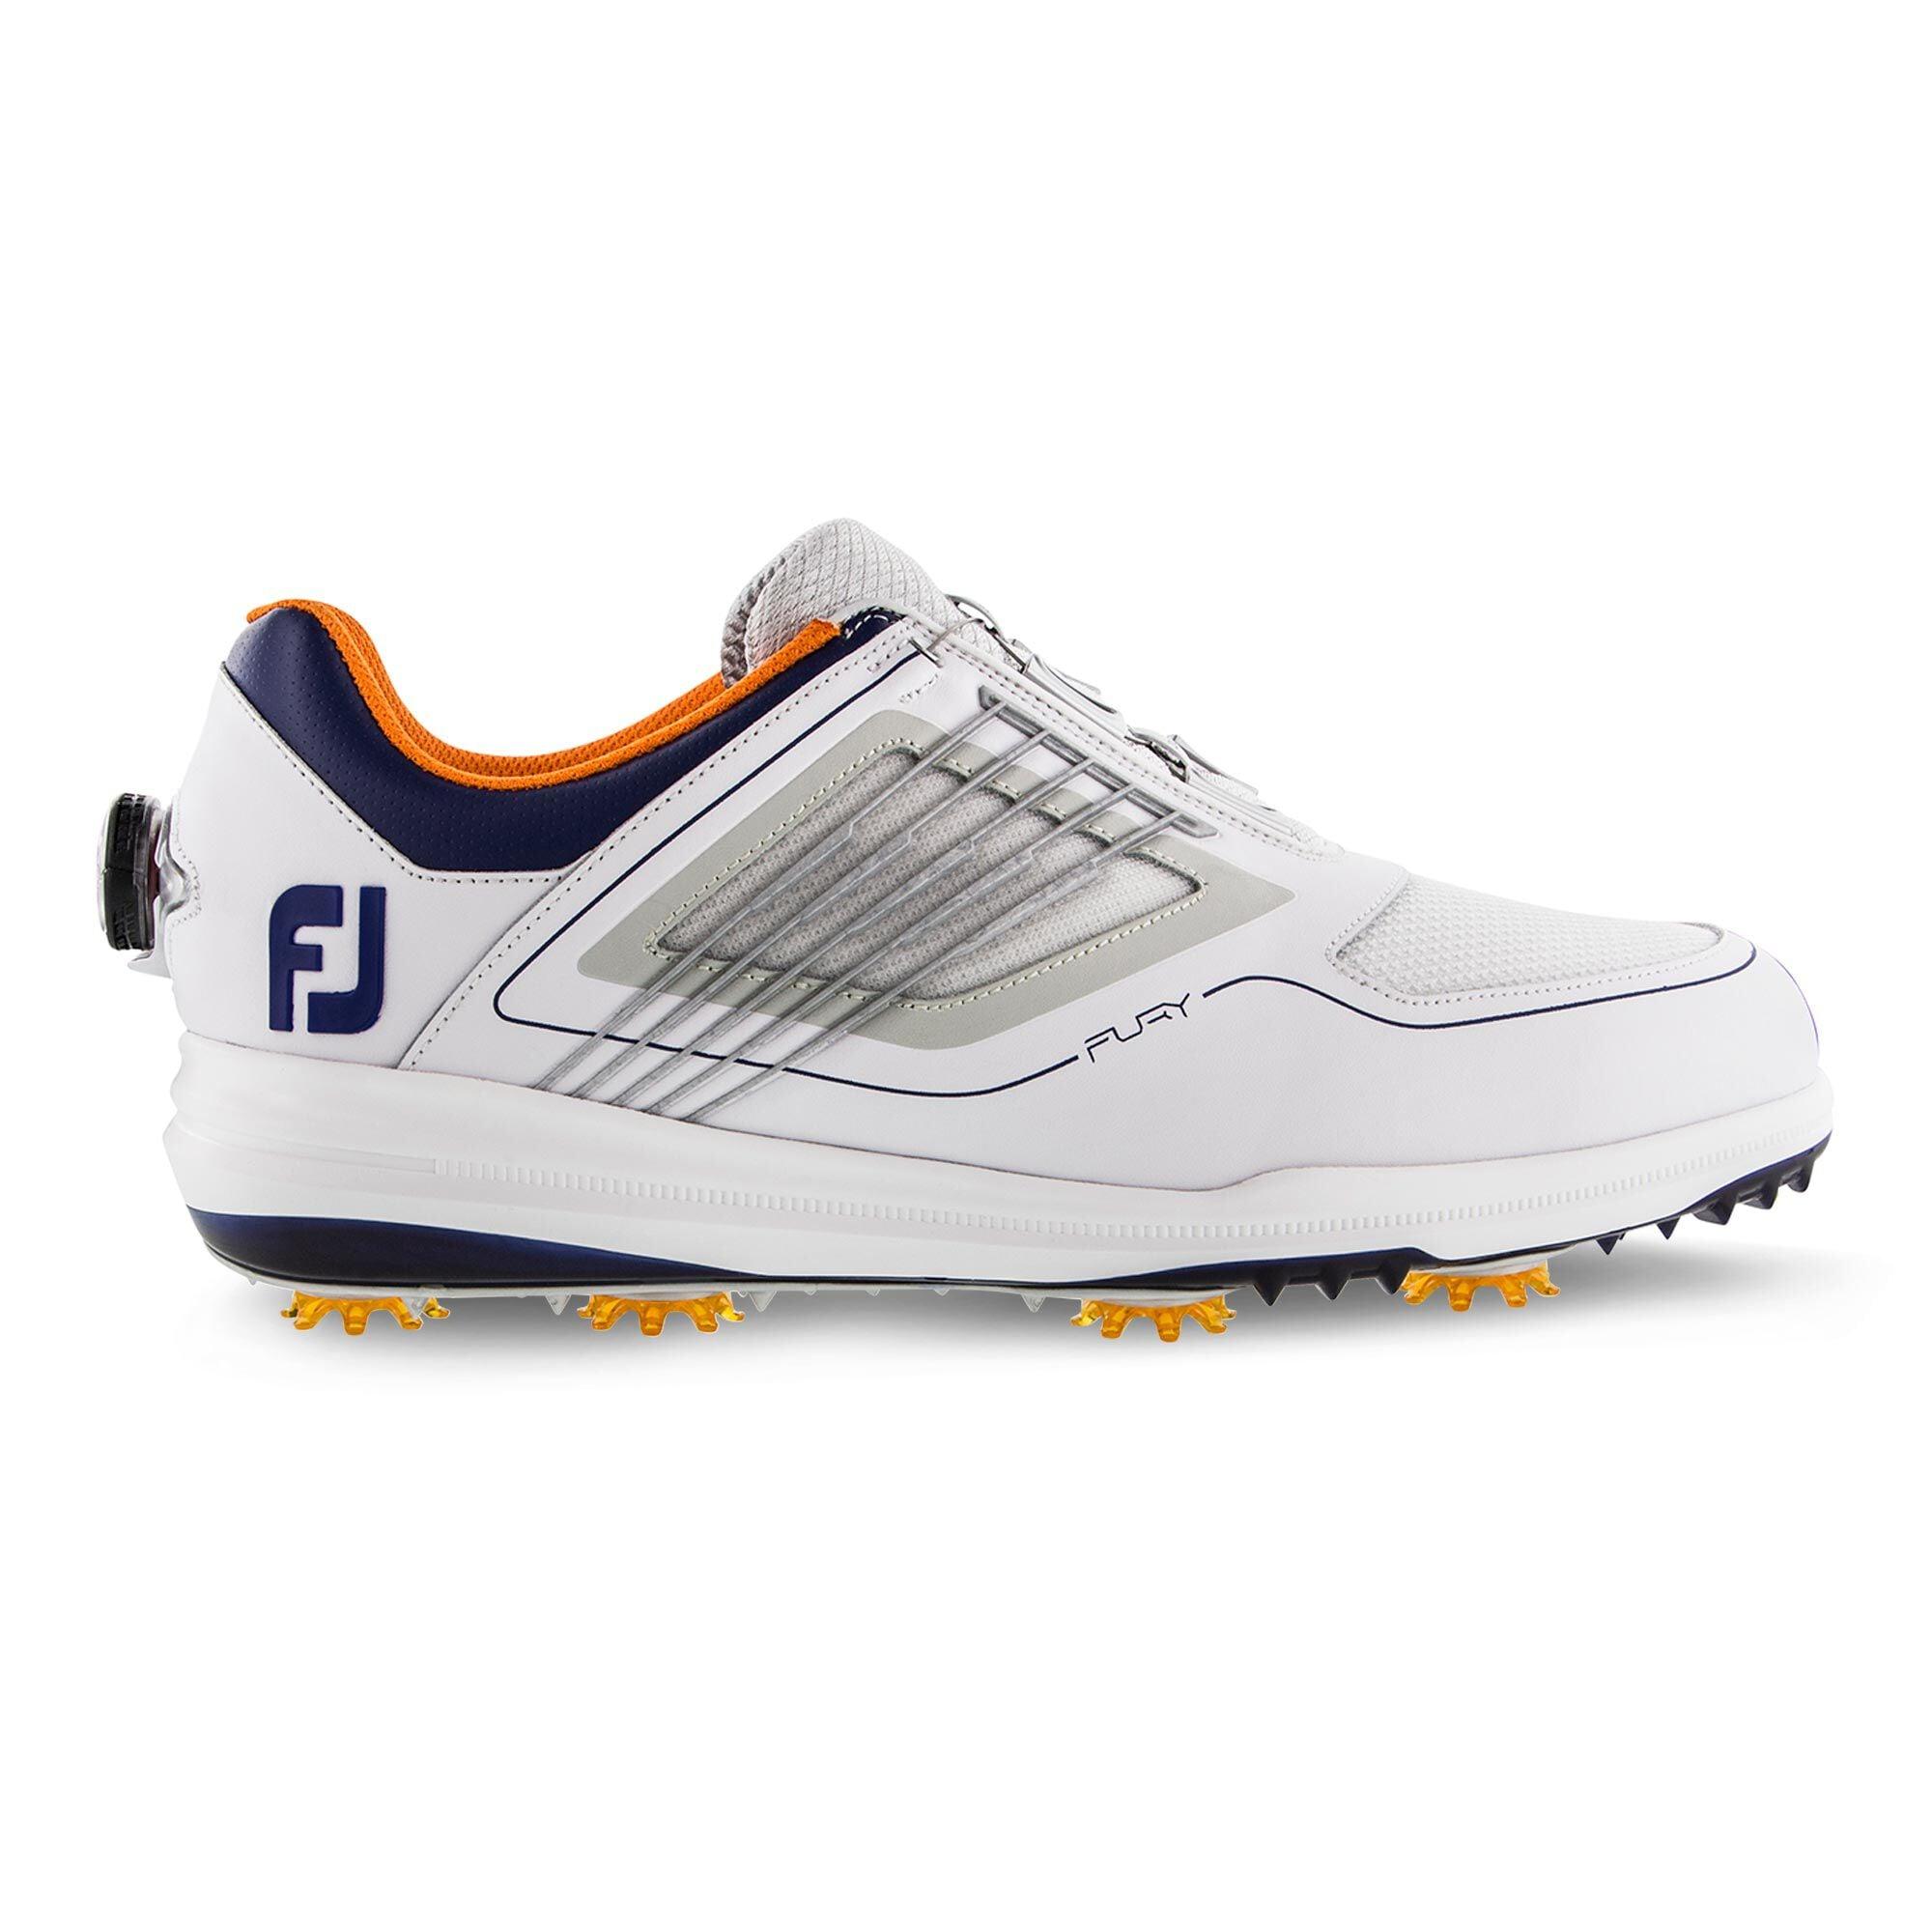 Boa-Lacing Golf Shoes   FJ FURY Boa